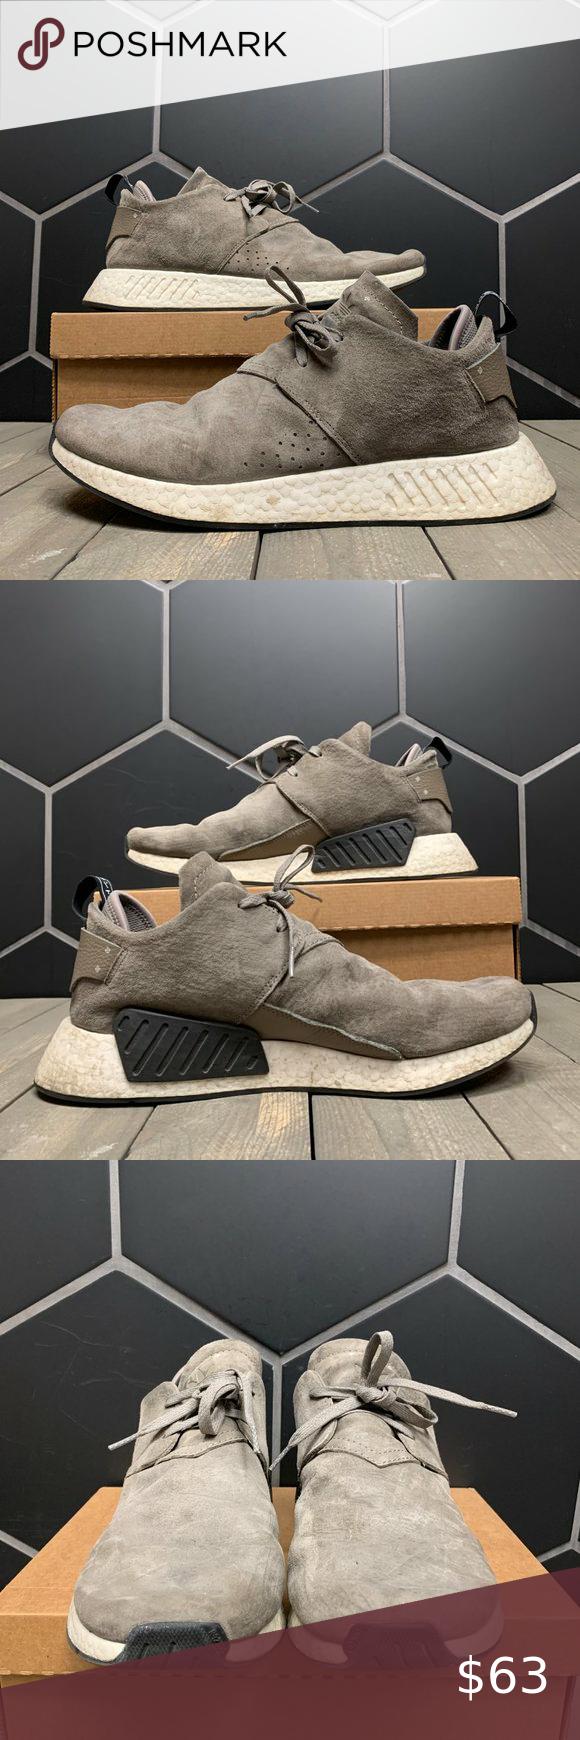 Used W/O Box! Adidas NMD C2 Suede Grey Size 12.5   Adidas nmd ...